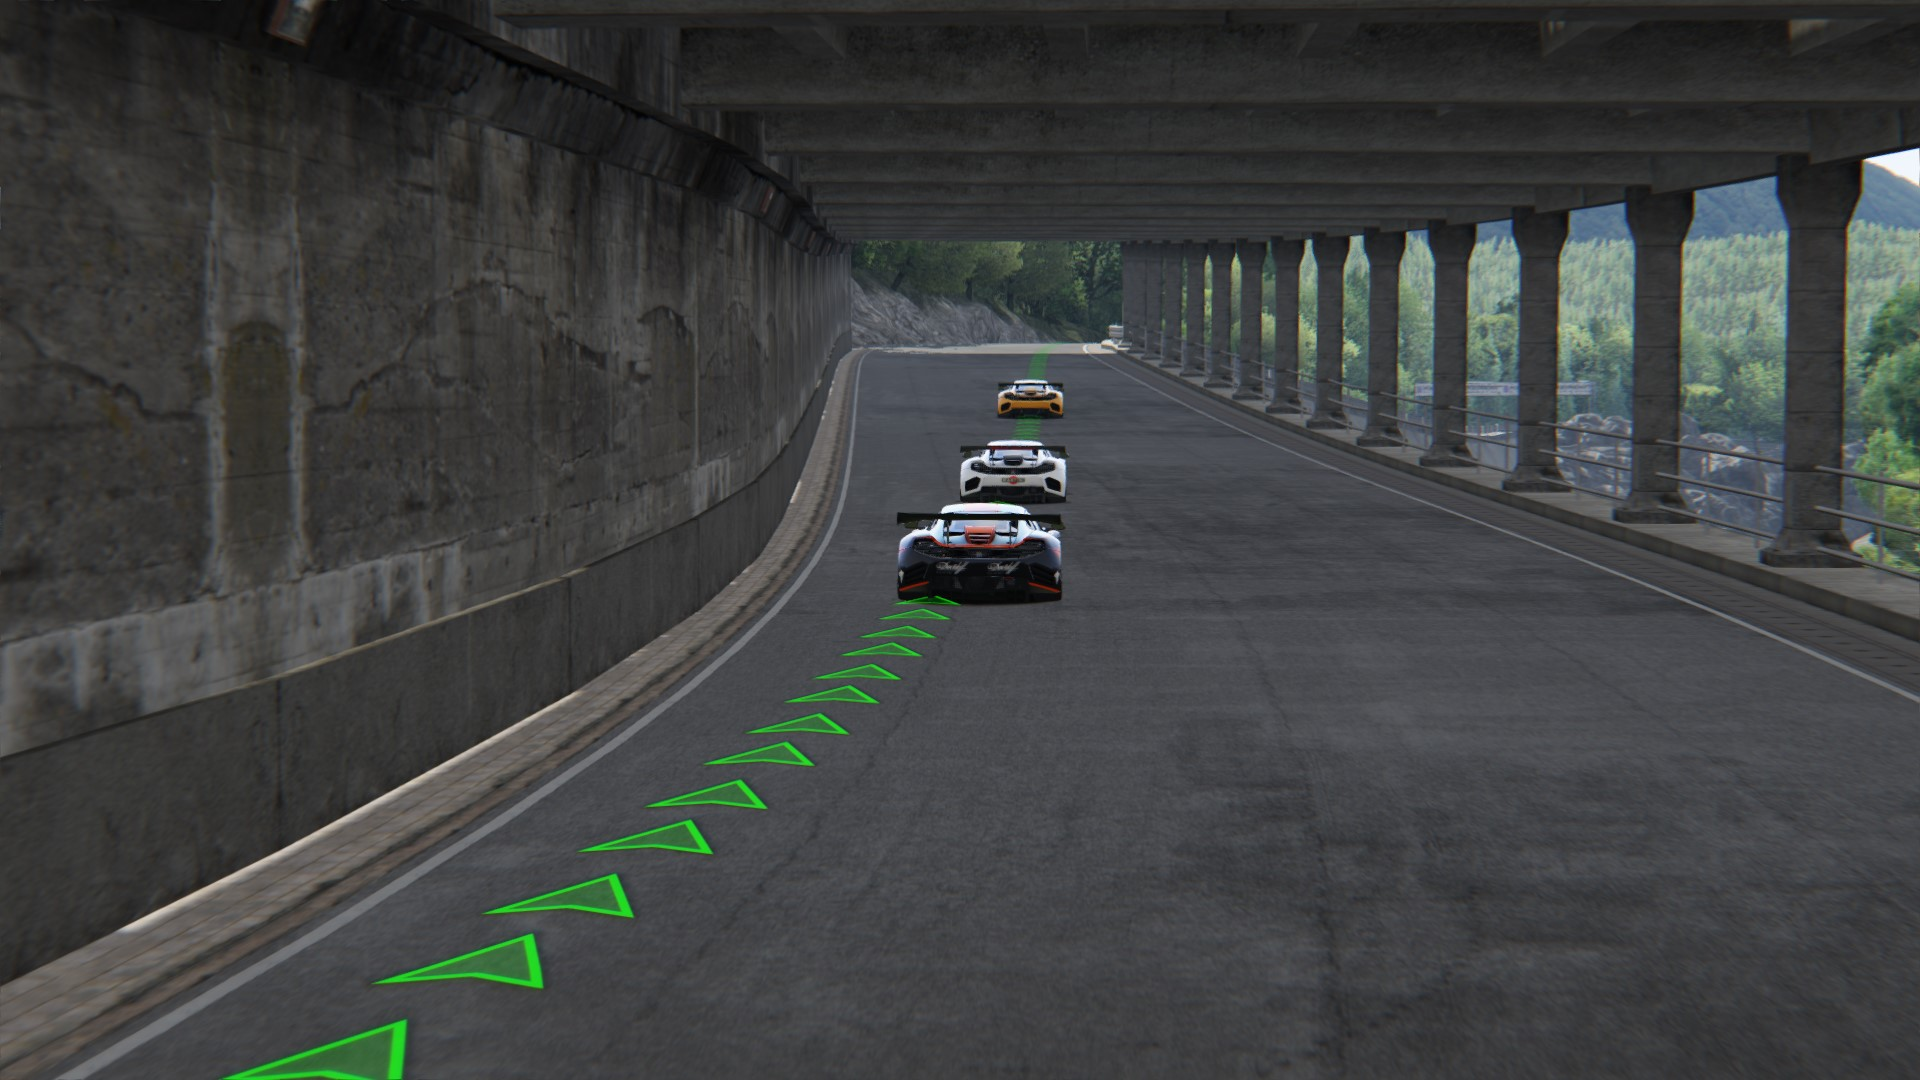 Screenshot_mclaren_mp412c_gt3_deepforest_raceway_1-6-120-22-33-16.jpg